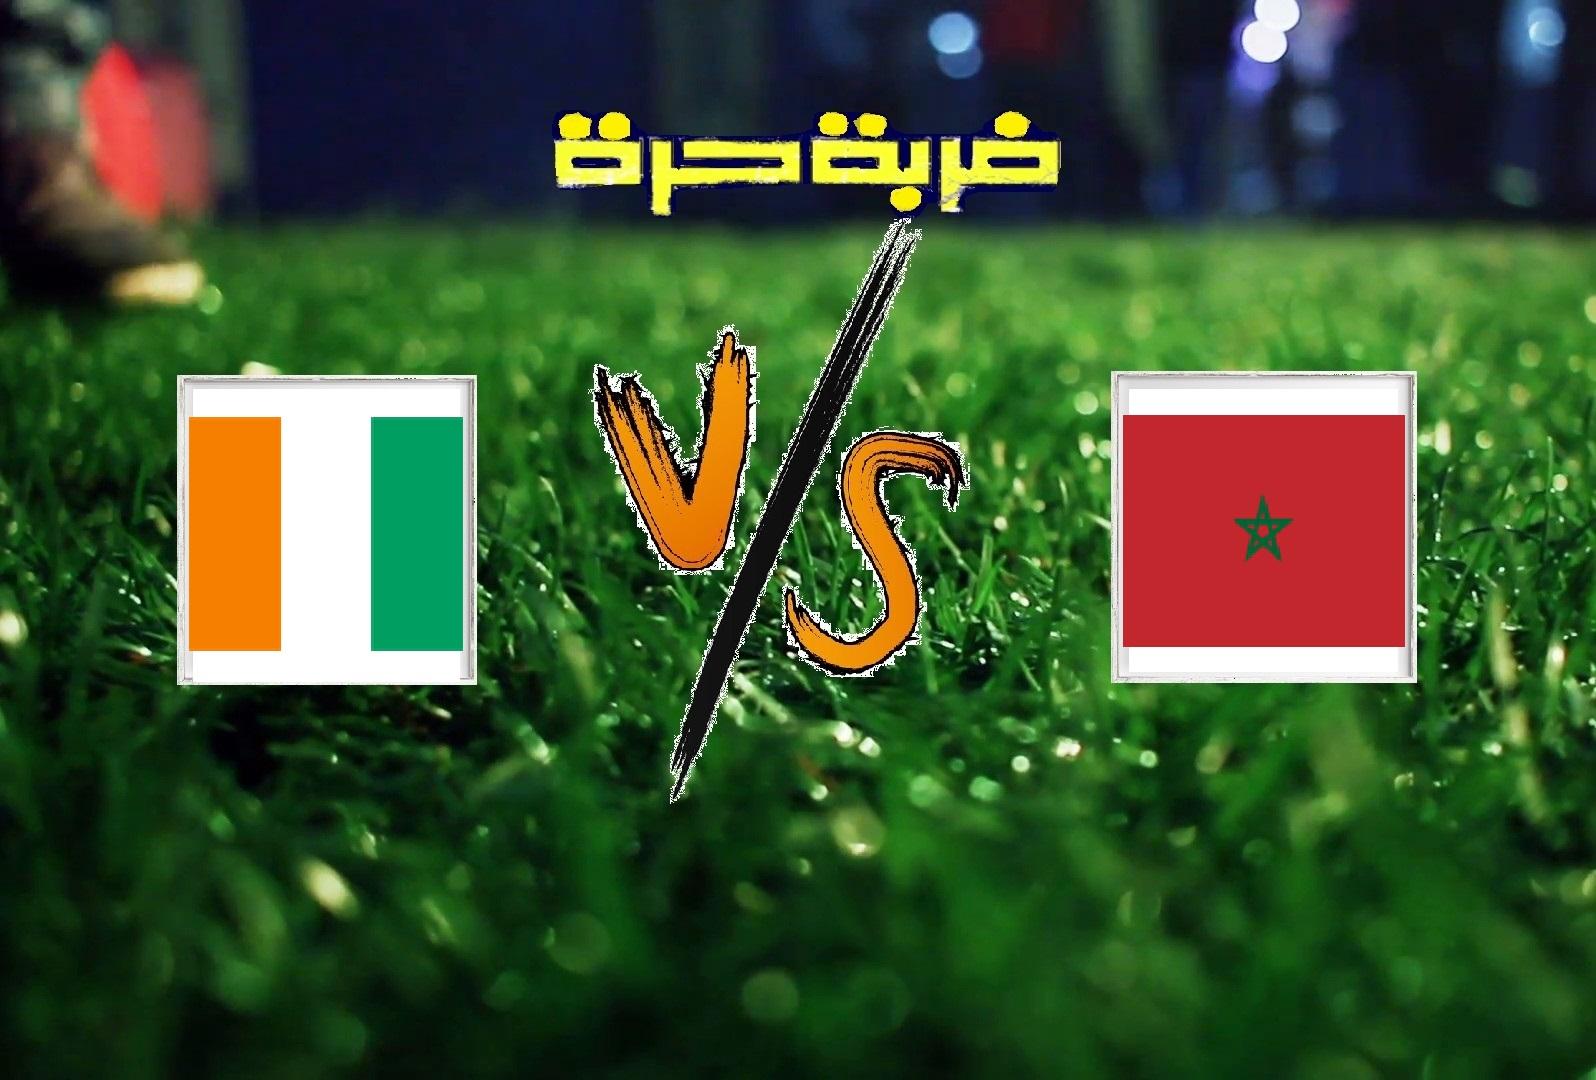 نتيجة مباراة المغرب وساحل العاج اليوم الجمعة بتاريخ 28-06-2019 كأس الأمم الأفريقية